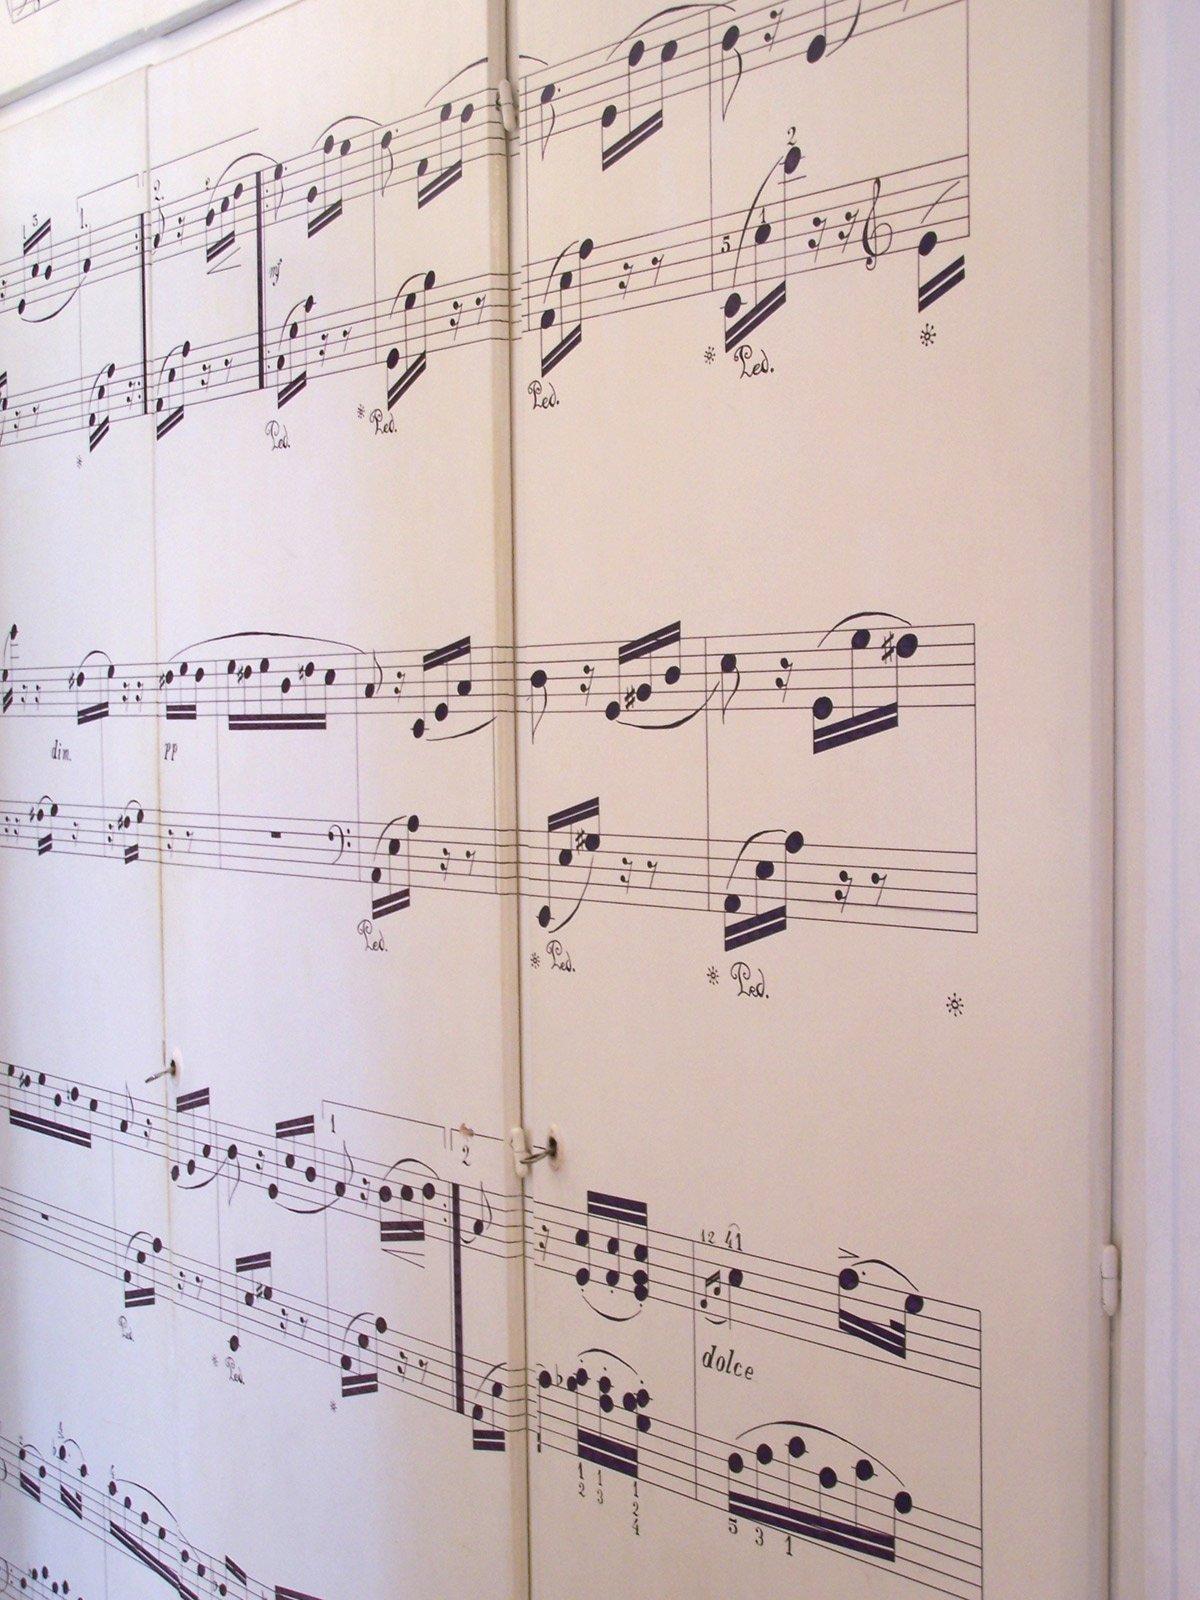 Armadio con spartito musicale cose di casa for Armadio seconda mano